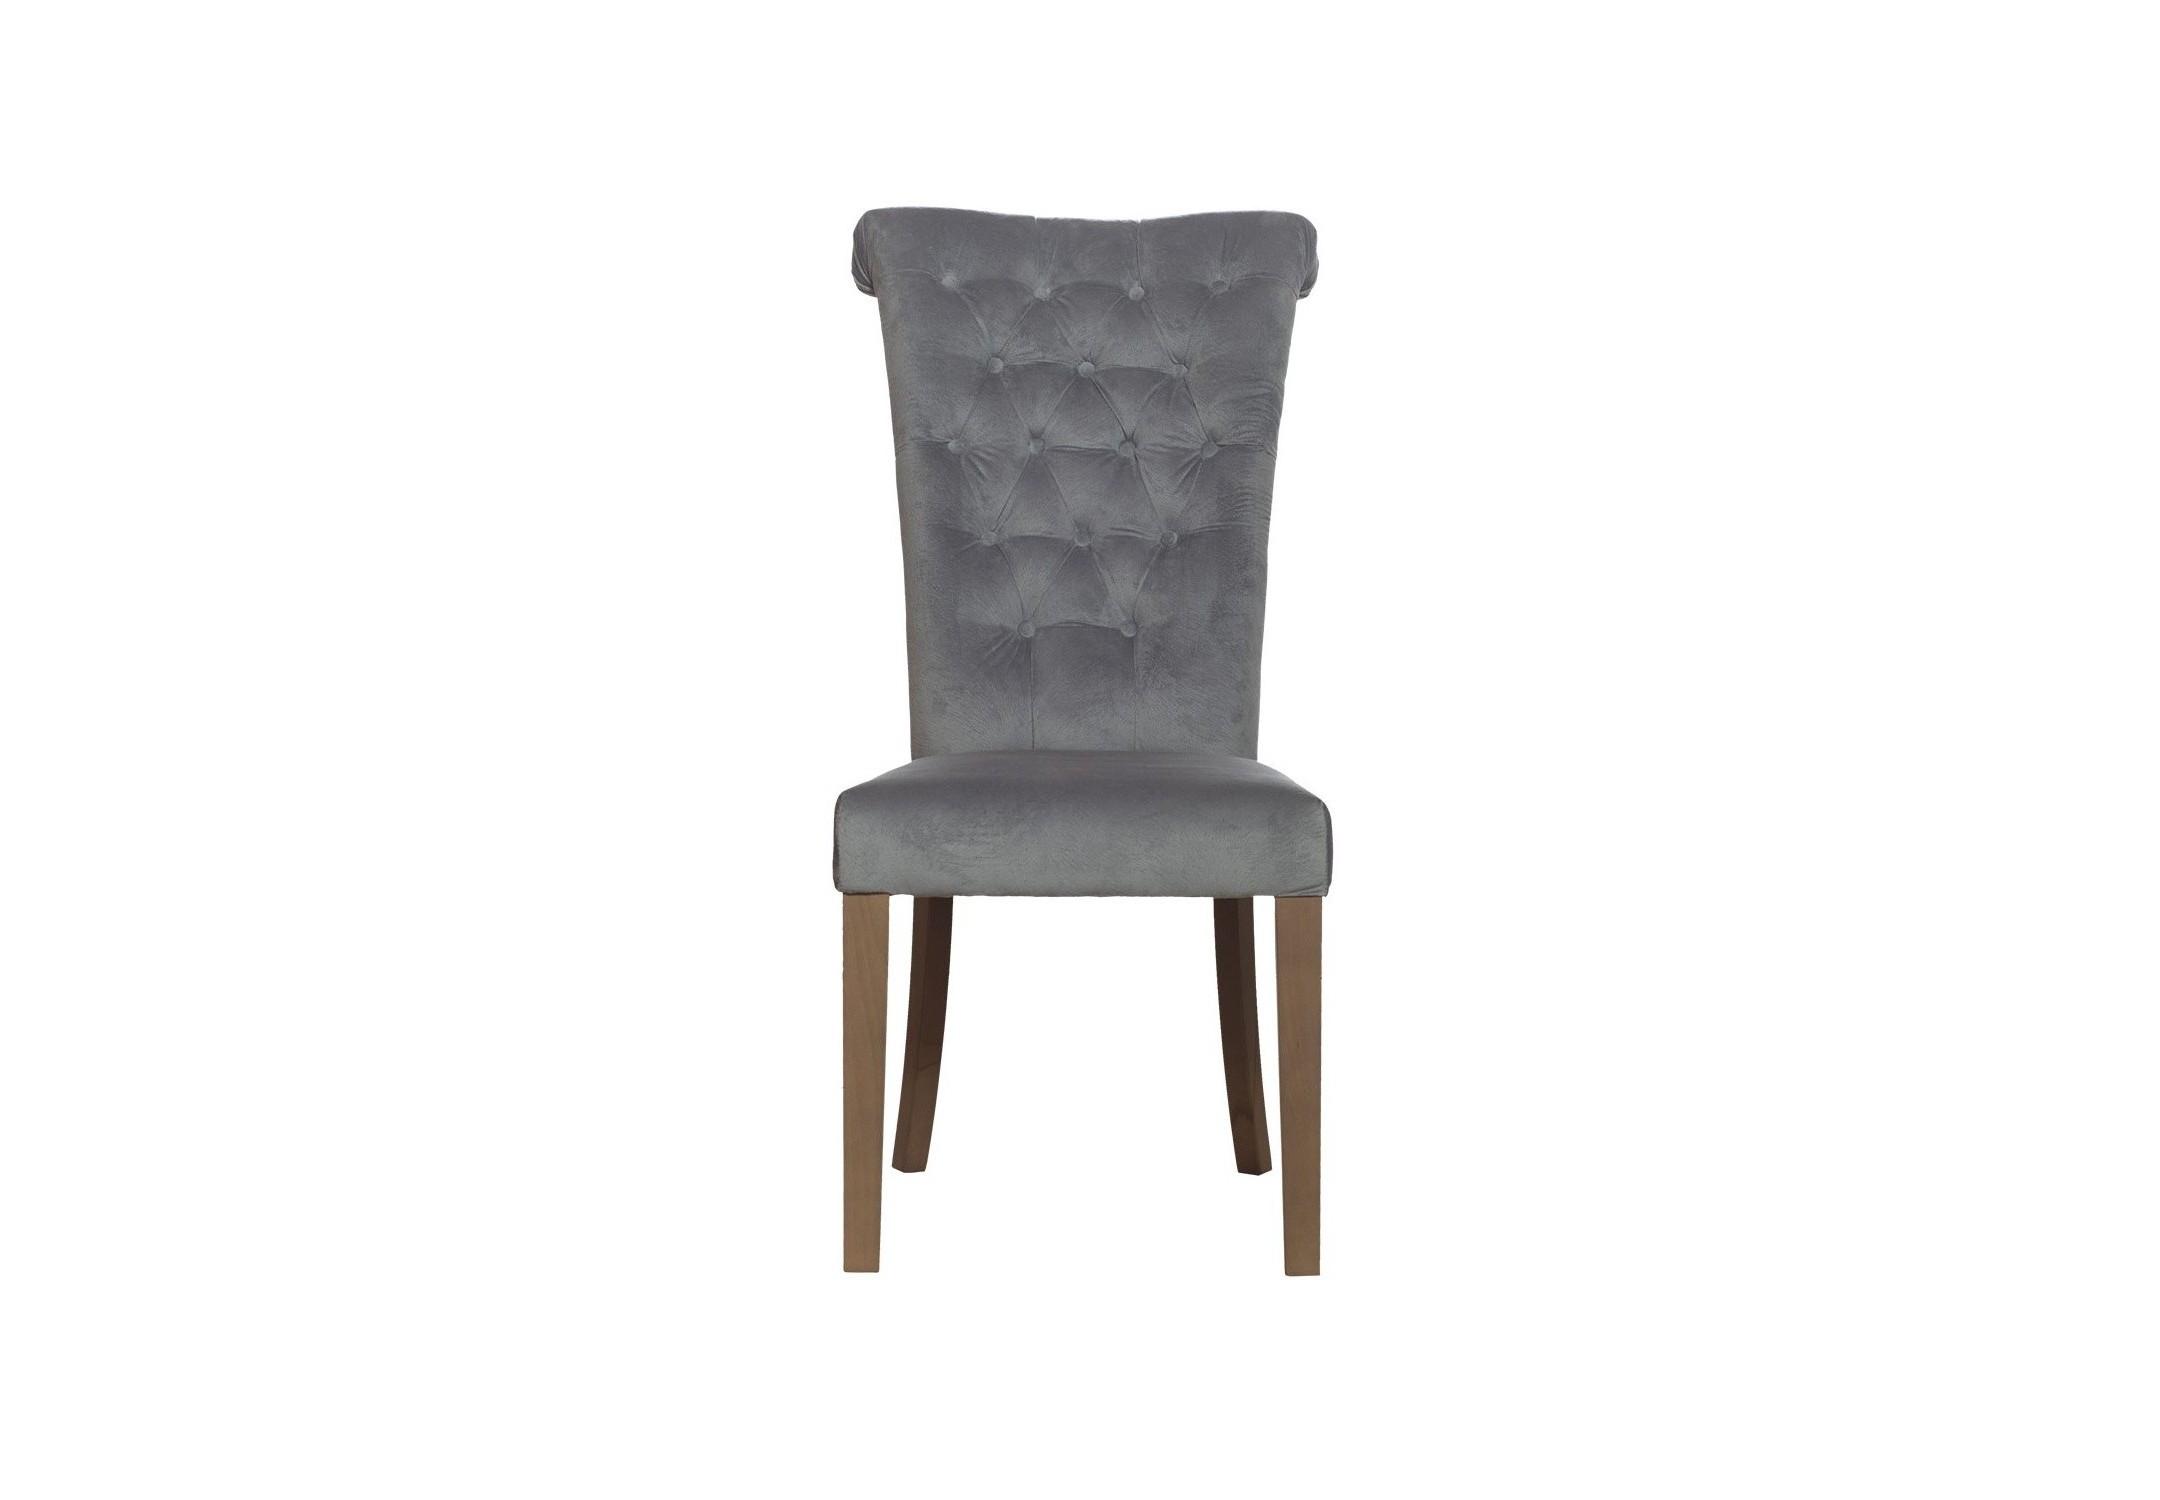 Стул бархатныйОбеденные стулья<br><br><br>Material: Текстиль<br>Ширина см: 50<br>Высота см: 100<br>Глубина см: 41